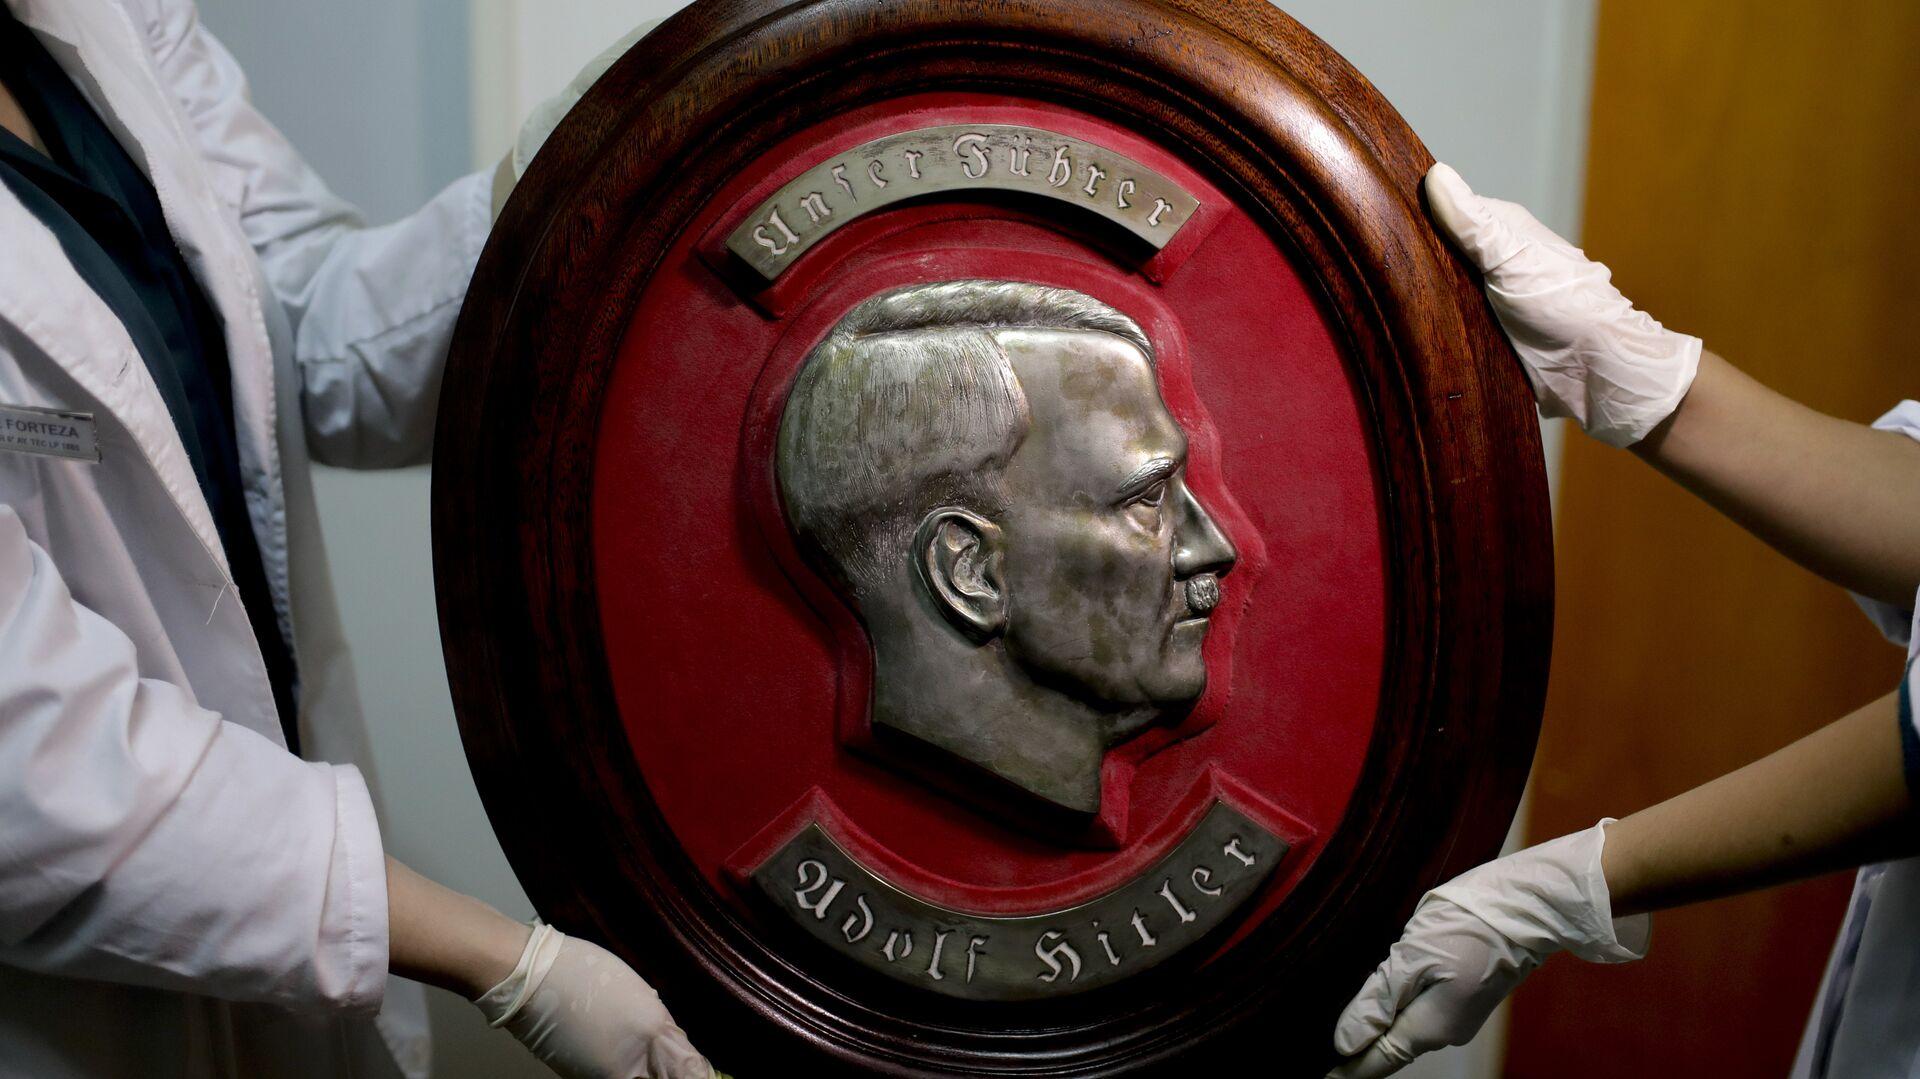 Барельеф с изображениме адольфа Гитлера, обнаруженный федеральной полицией Аргентины на тайном складе нацистких артефактов в доме недалеко от  Буэнос-Айроса - РИА Новости, 1920, 23.10.2020